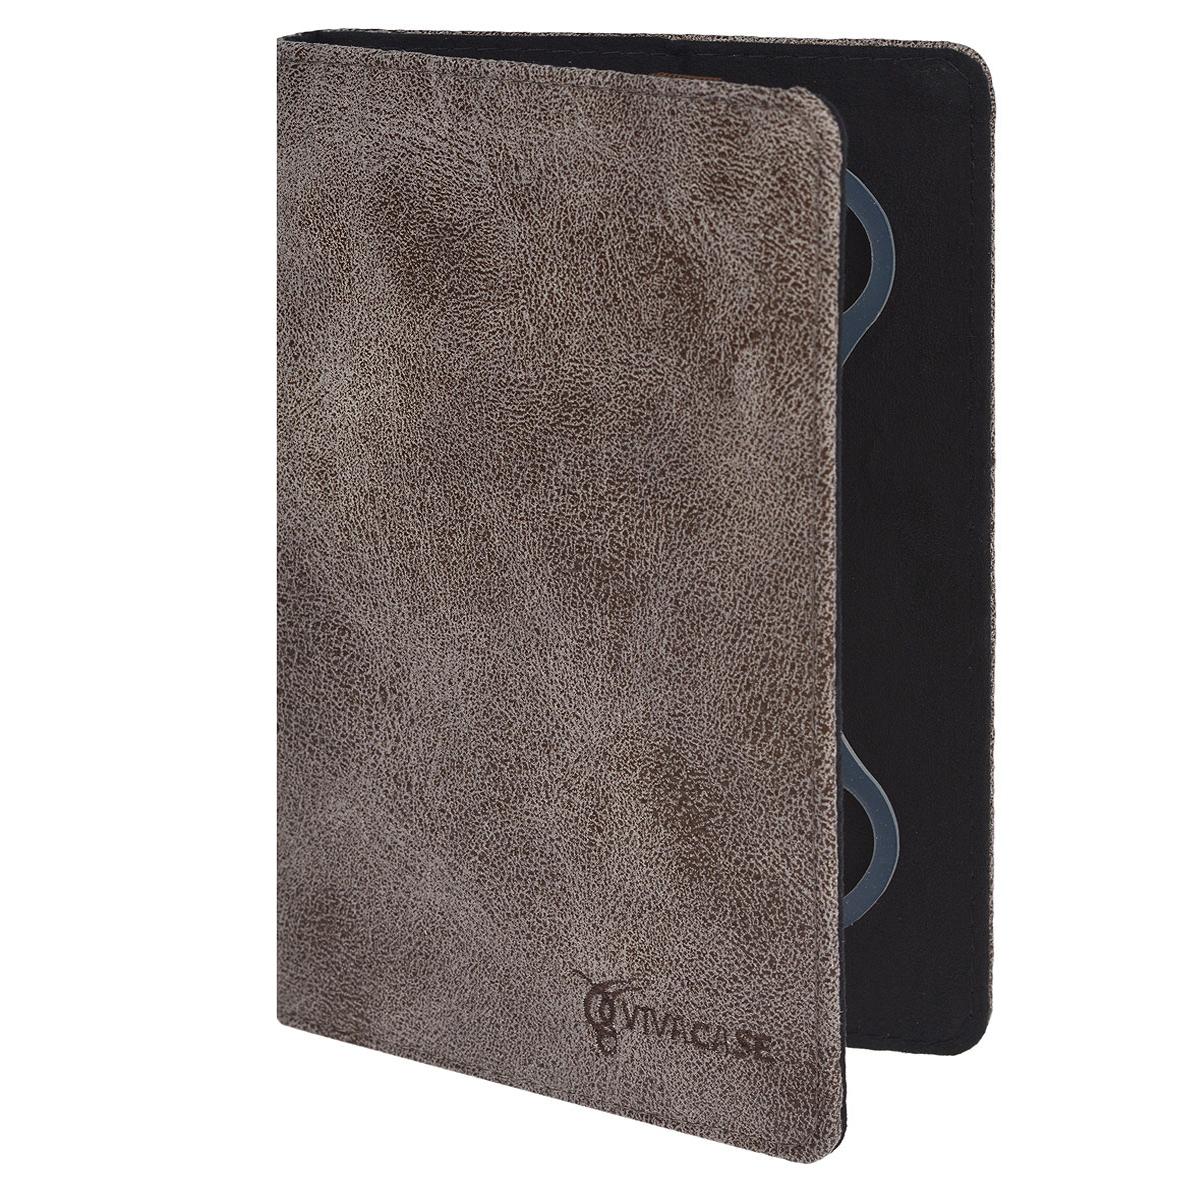 Vivacase Dandy чехол для планшетов 7+, Brown (VUC-CDN07P)VUC-CDN07P-brЧехол Viva Dandy предназначен для защиты электронных устройств диагональю 7+ от механических повреждений и влаги. Крепление PVS позволяет надежно зафиксировать устройство.